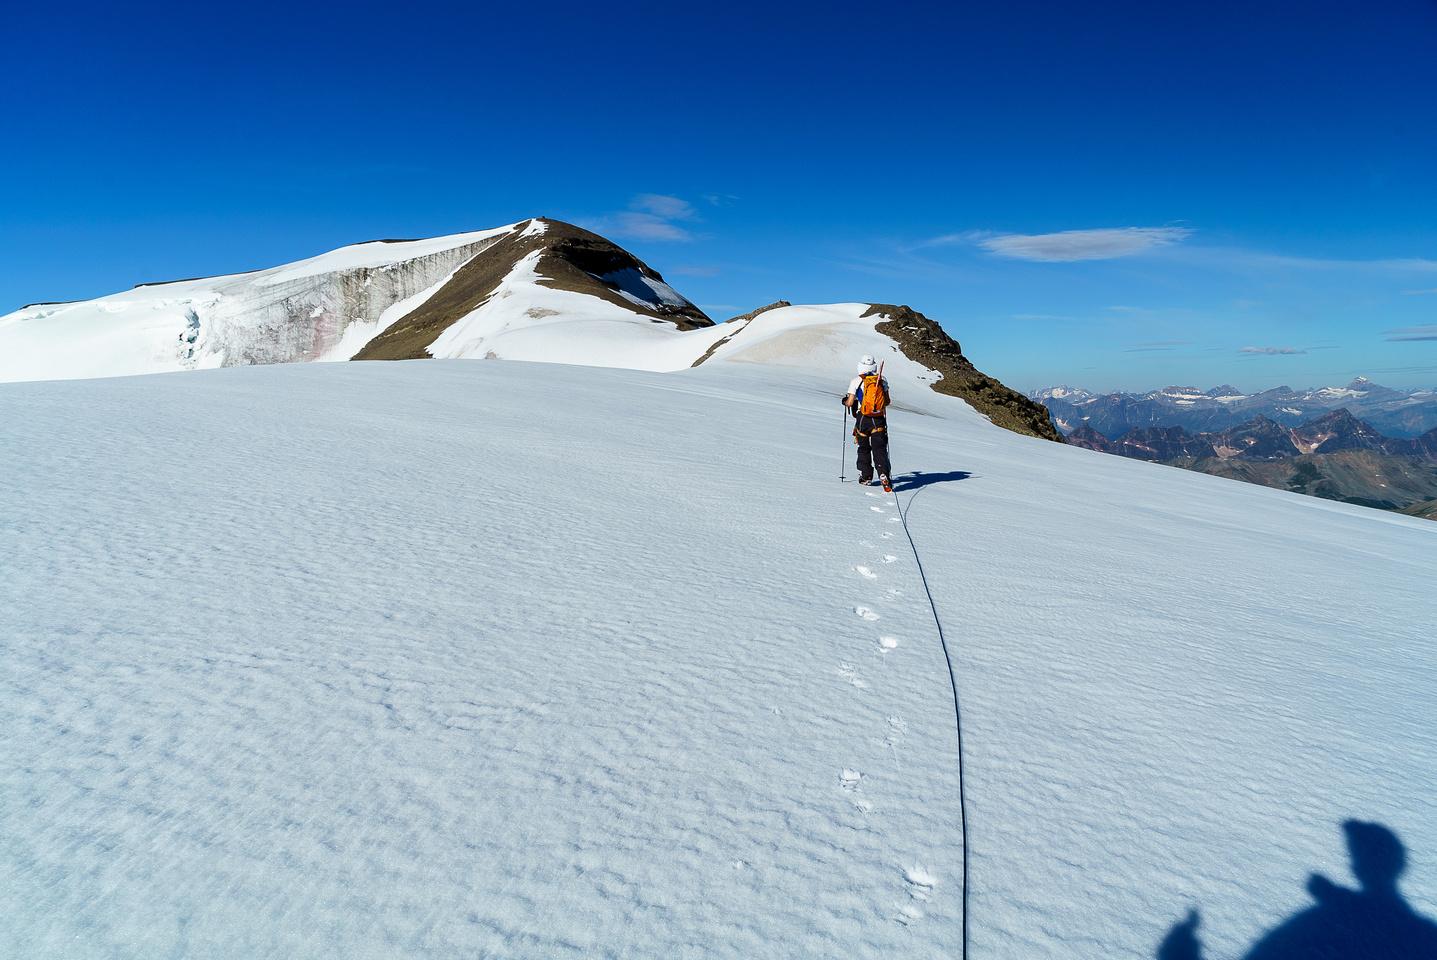 Nearing the scree ridge.